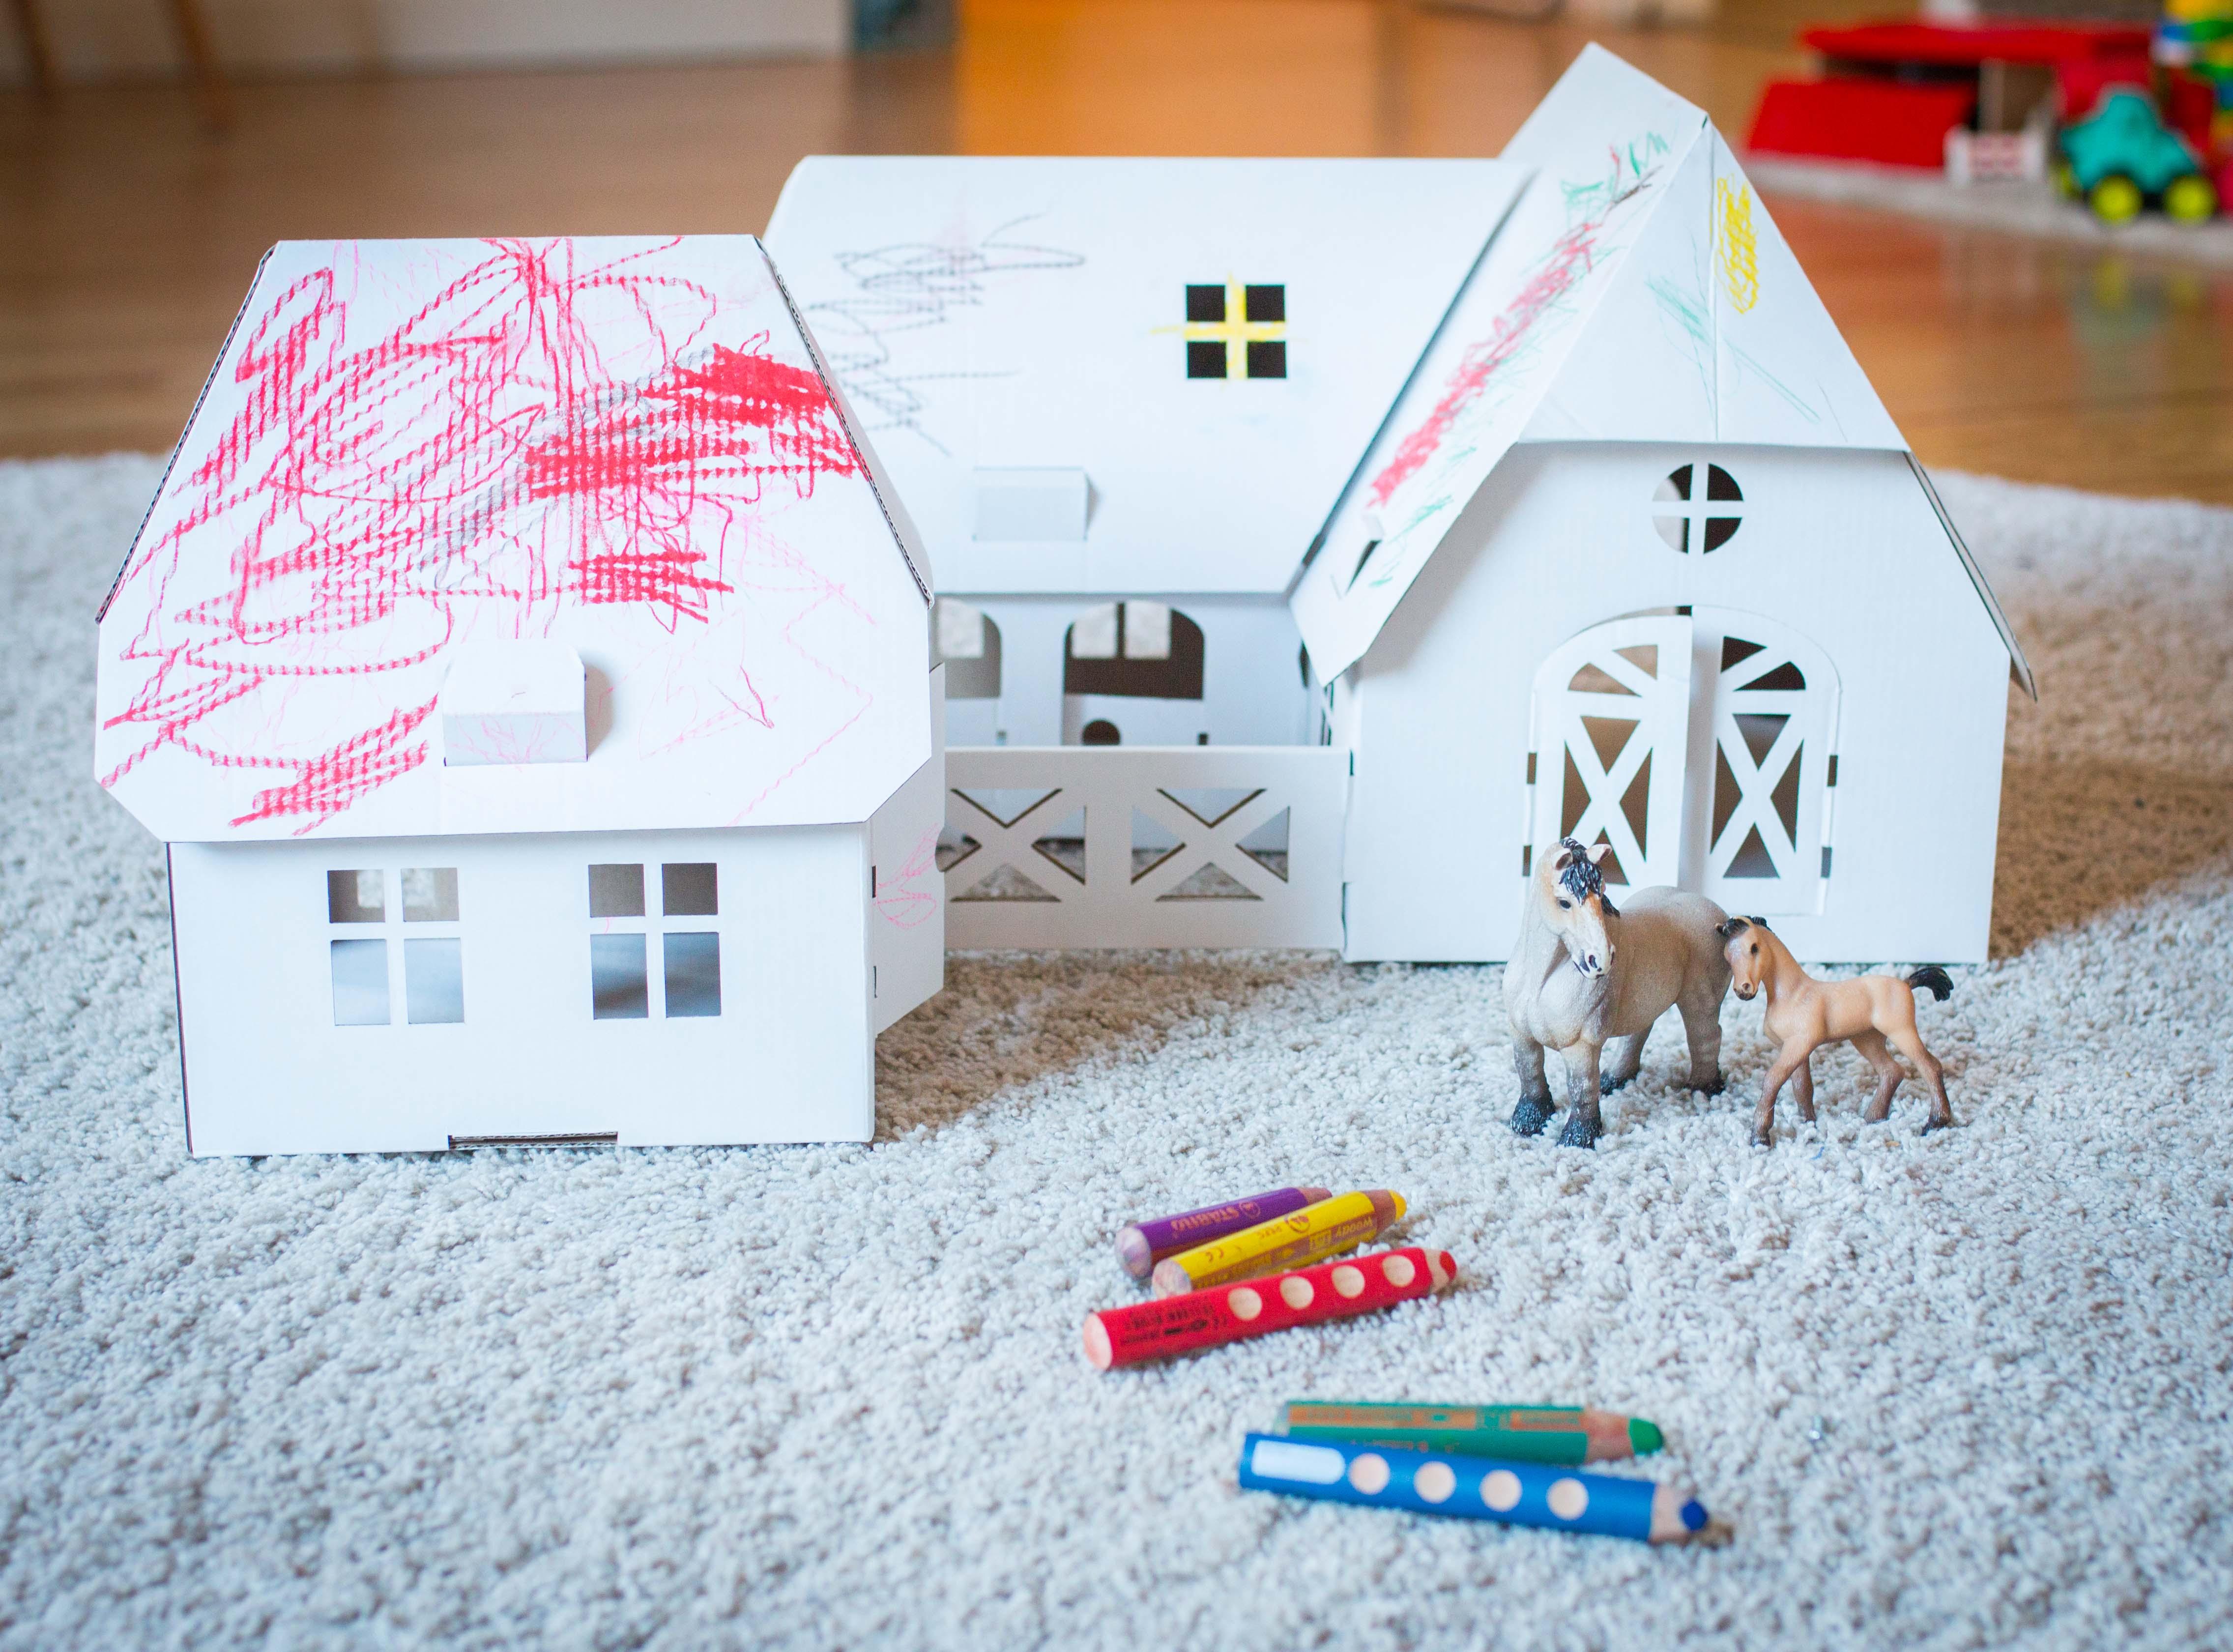 Kreative Spielideen mit Kleinkindern für Zuhause